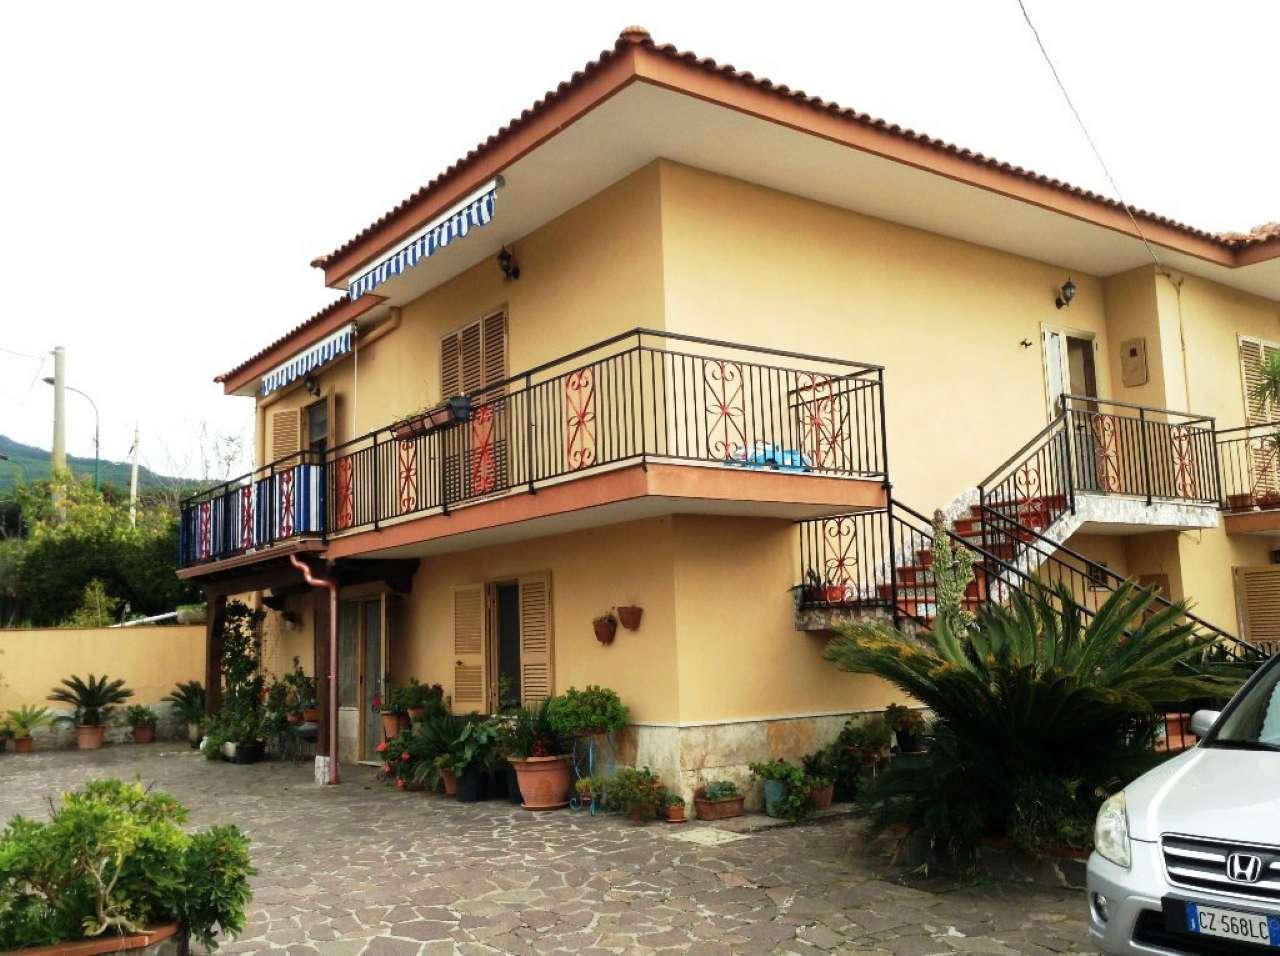 Casa torre del greco appartamenti e case in vendita a for Case in vendita torre del greco